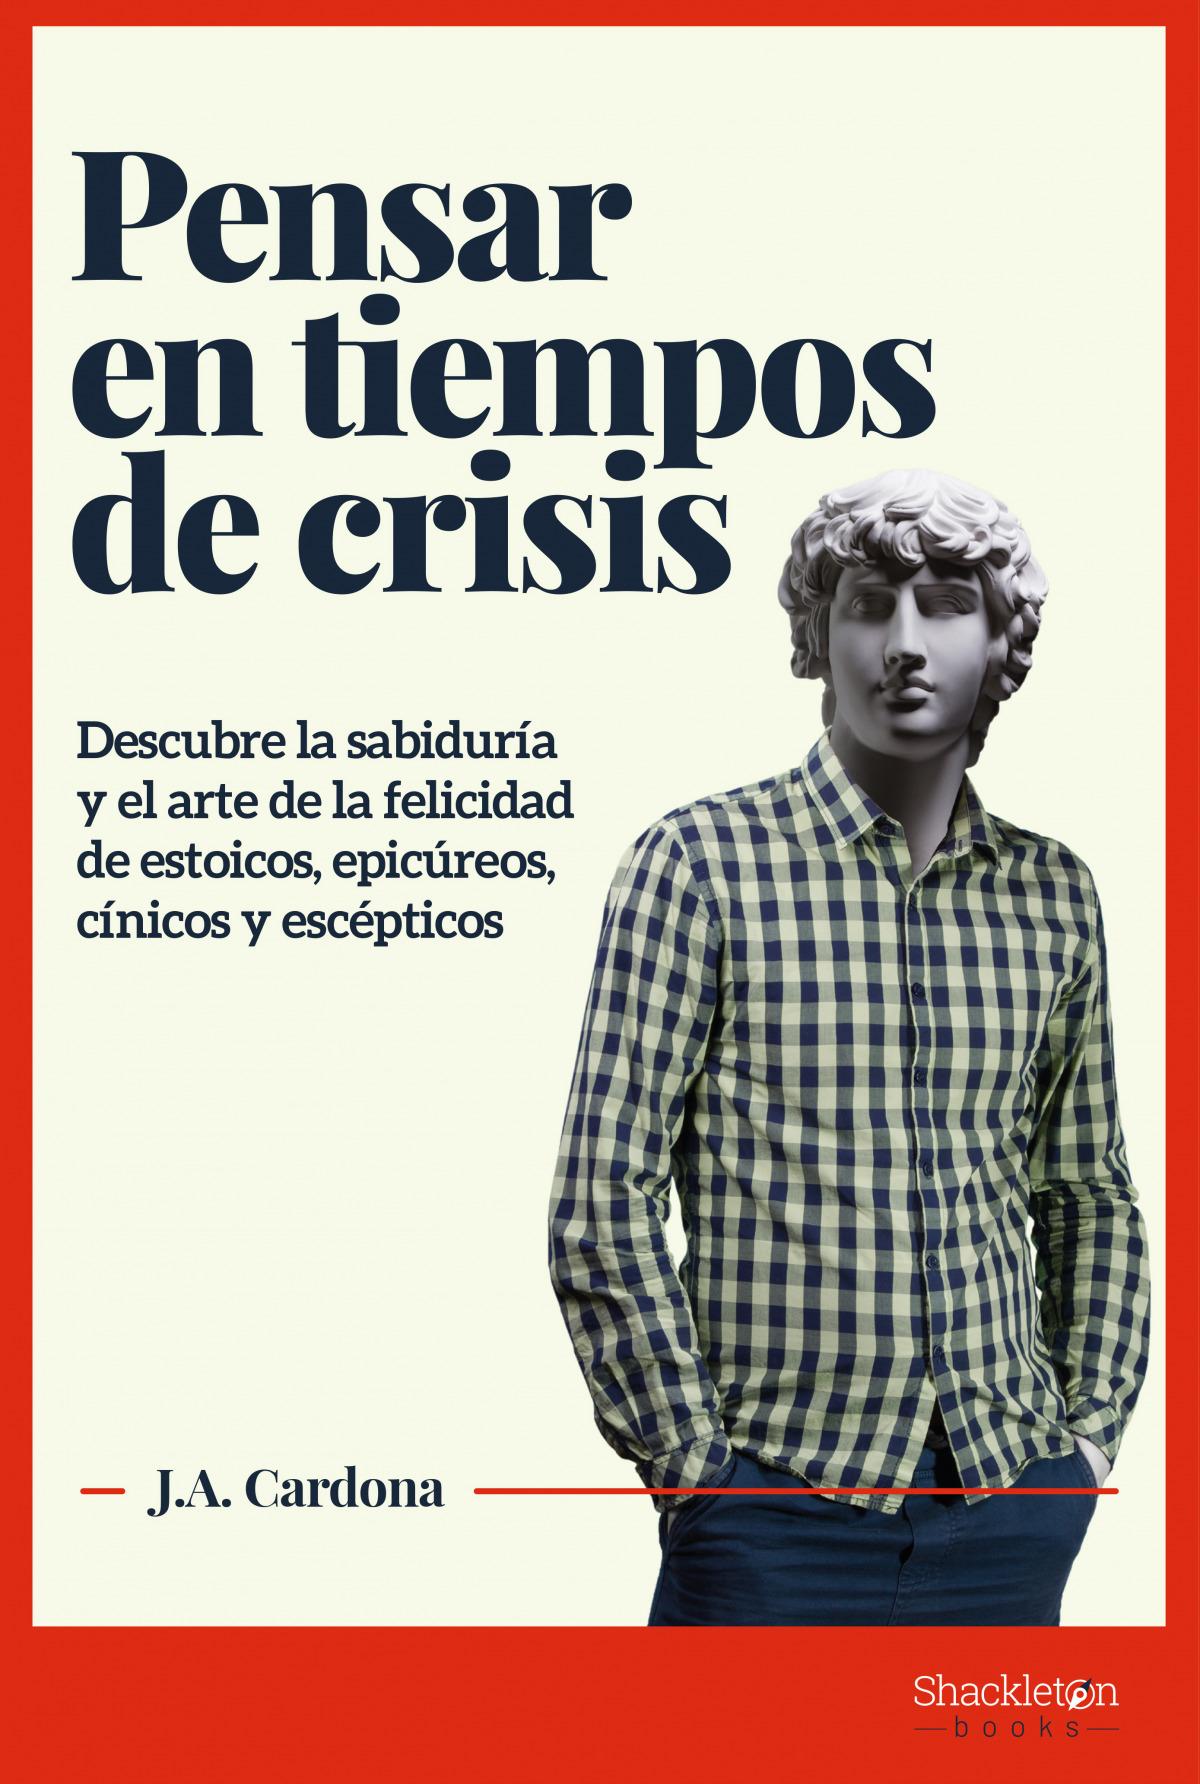 Pensar en tiempos de crisis